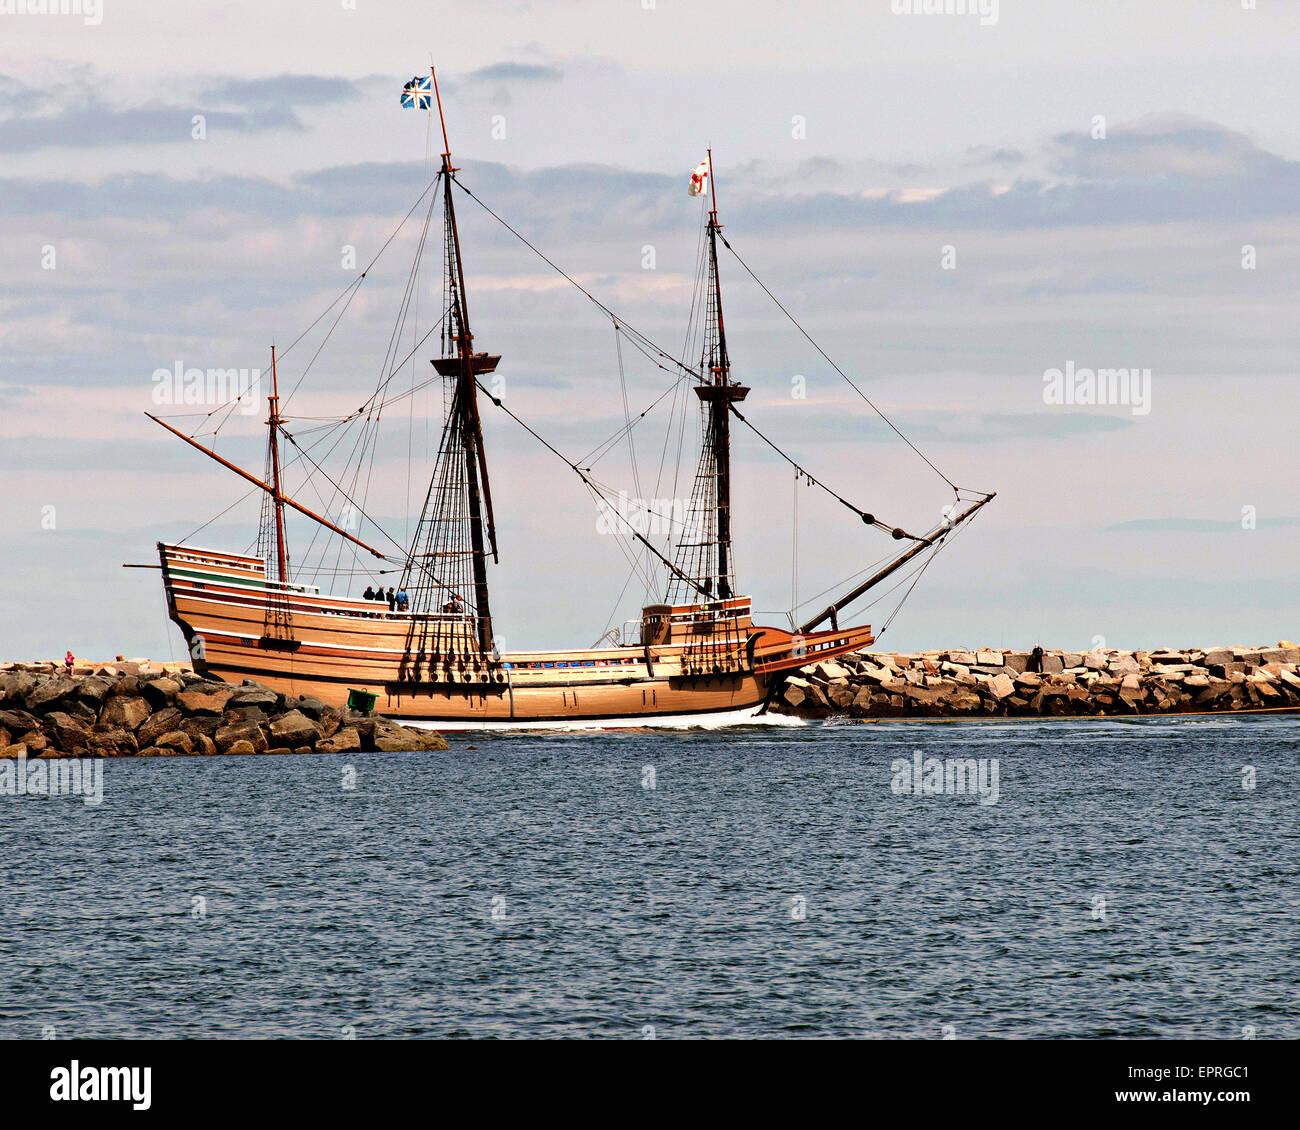 Die Mayflower II fährt ein Replikat der ursprünglichen Pilger Schiff Mayflower Buzzards Bay geht es zurück Stockbild